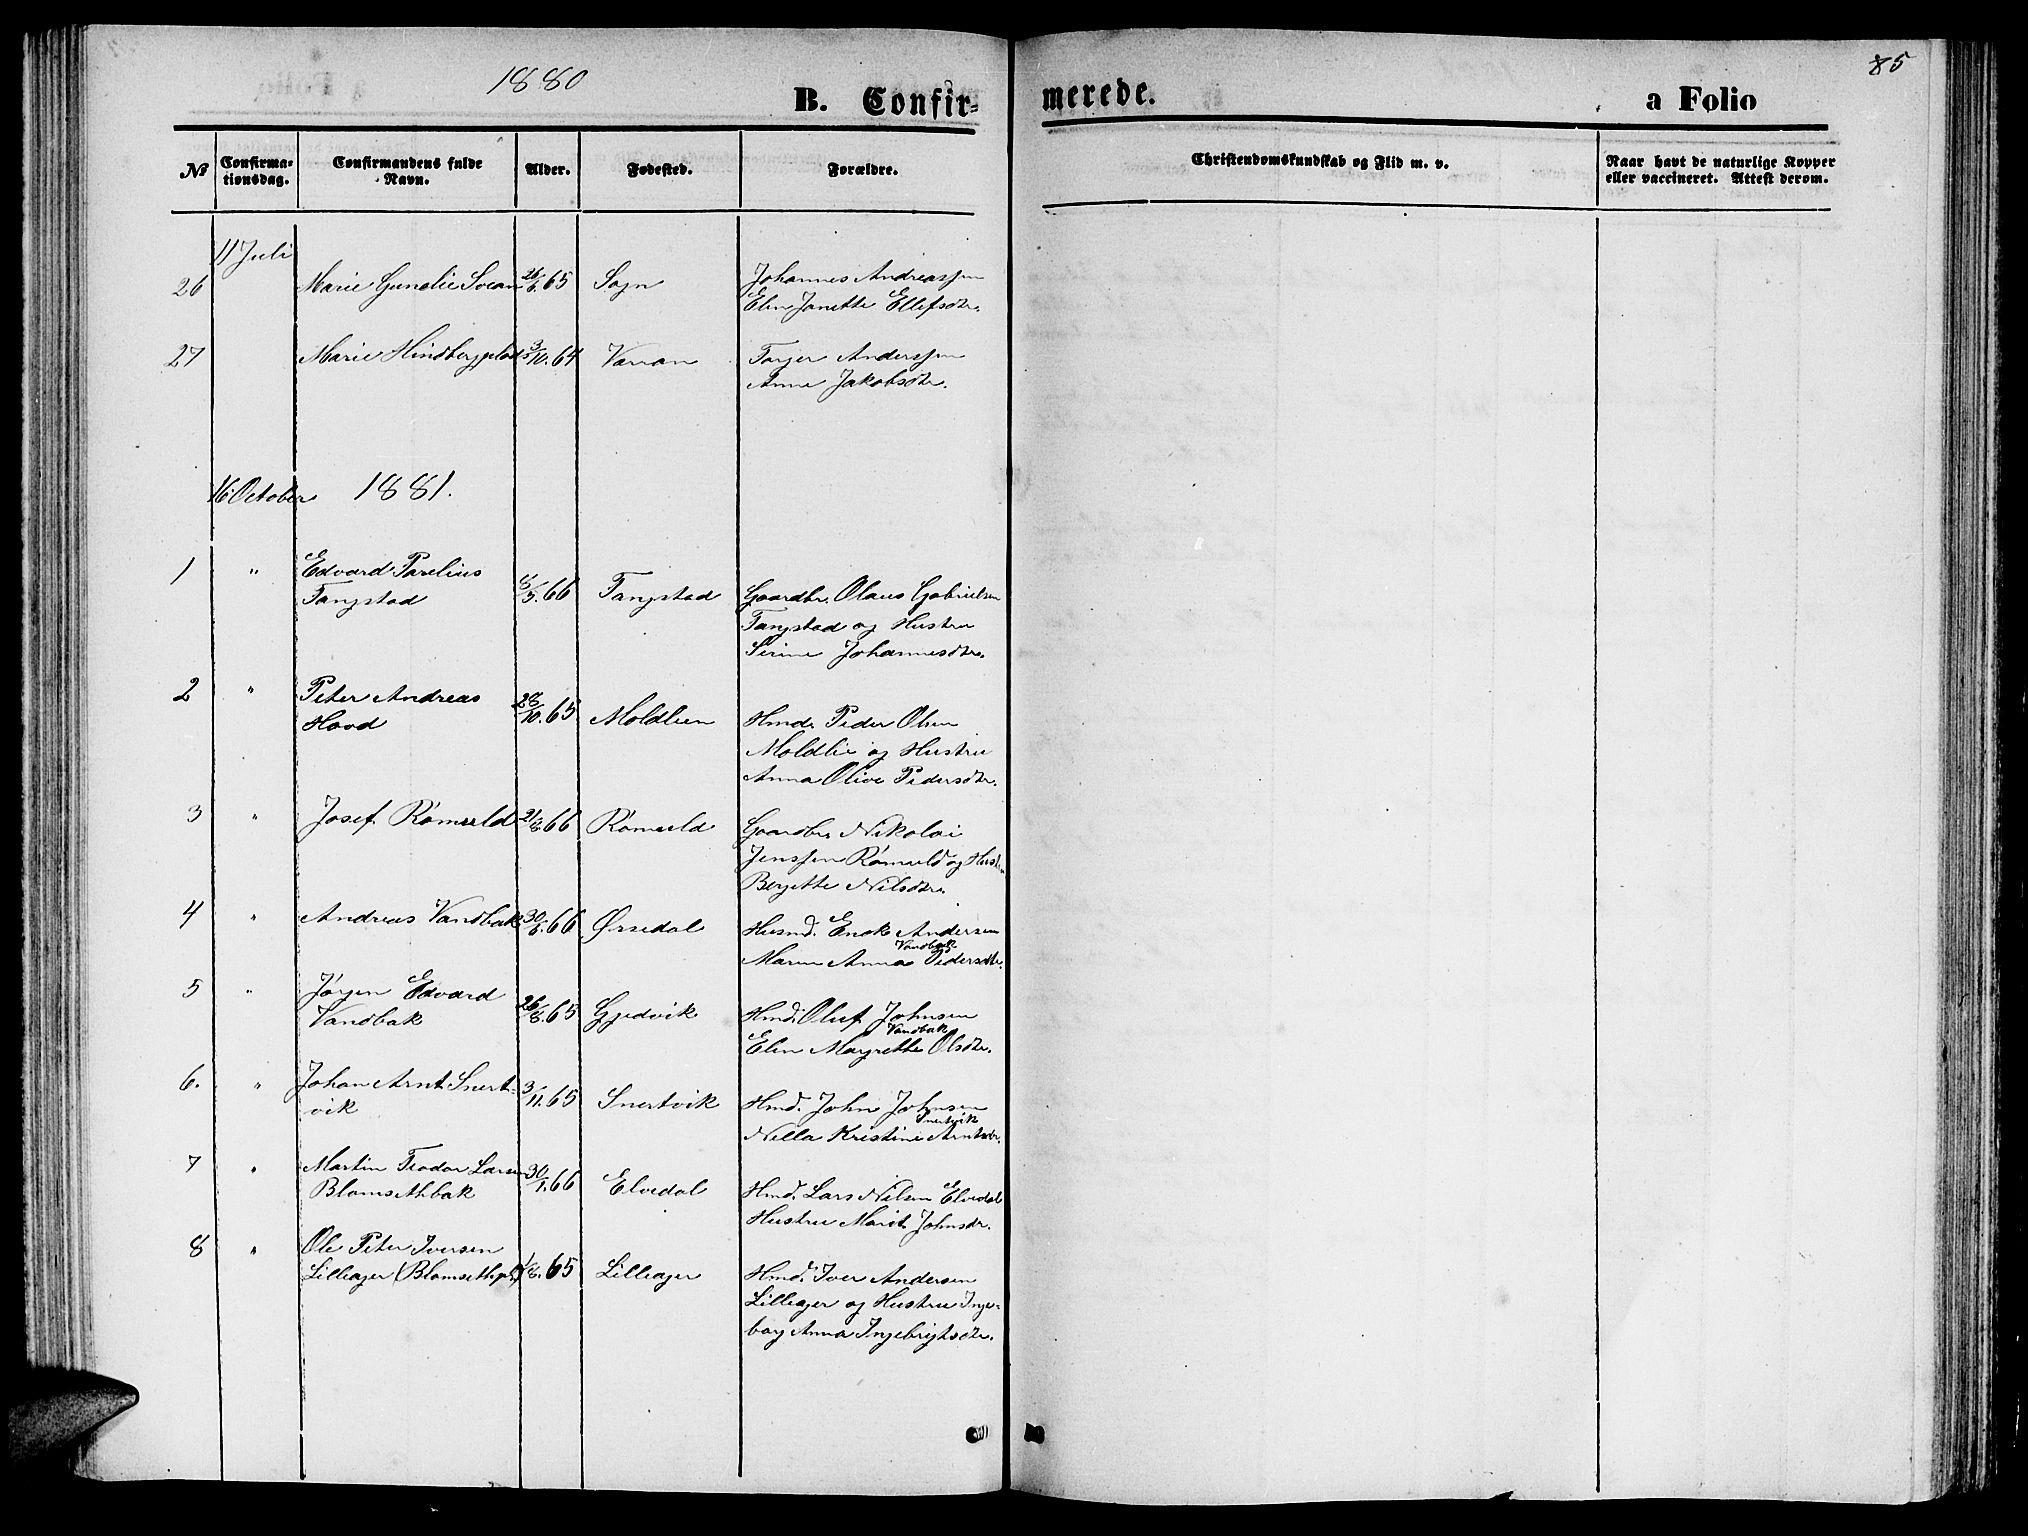 SAT, Ministerialprotokoller, klokkerbøker og fødselsregistre - Nord-Trøndelag, 744/L0422: Klokkerbok nr. 744C01, 1871-1885, s. 85